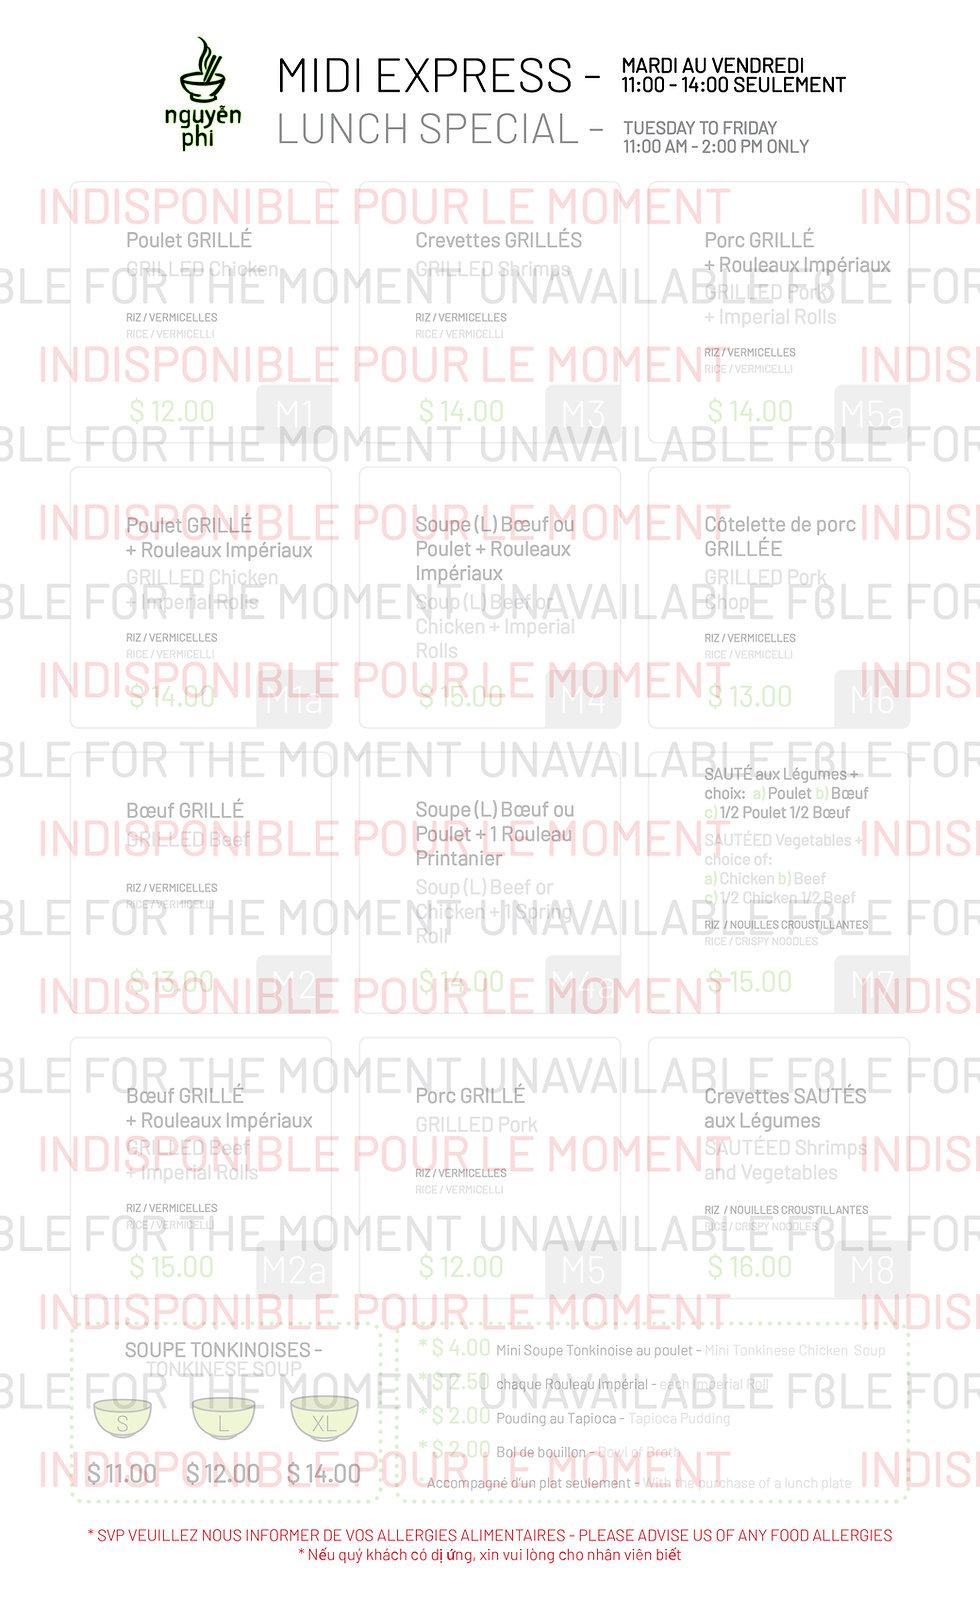 MIDI EXPRESS_NGUYEN PHI_2021_UNAIVAILABLE-01.jpg